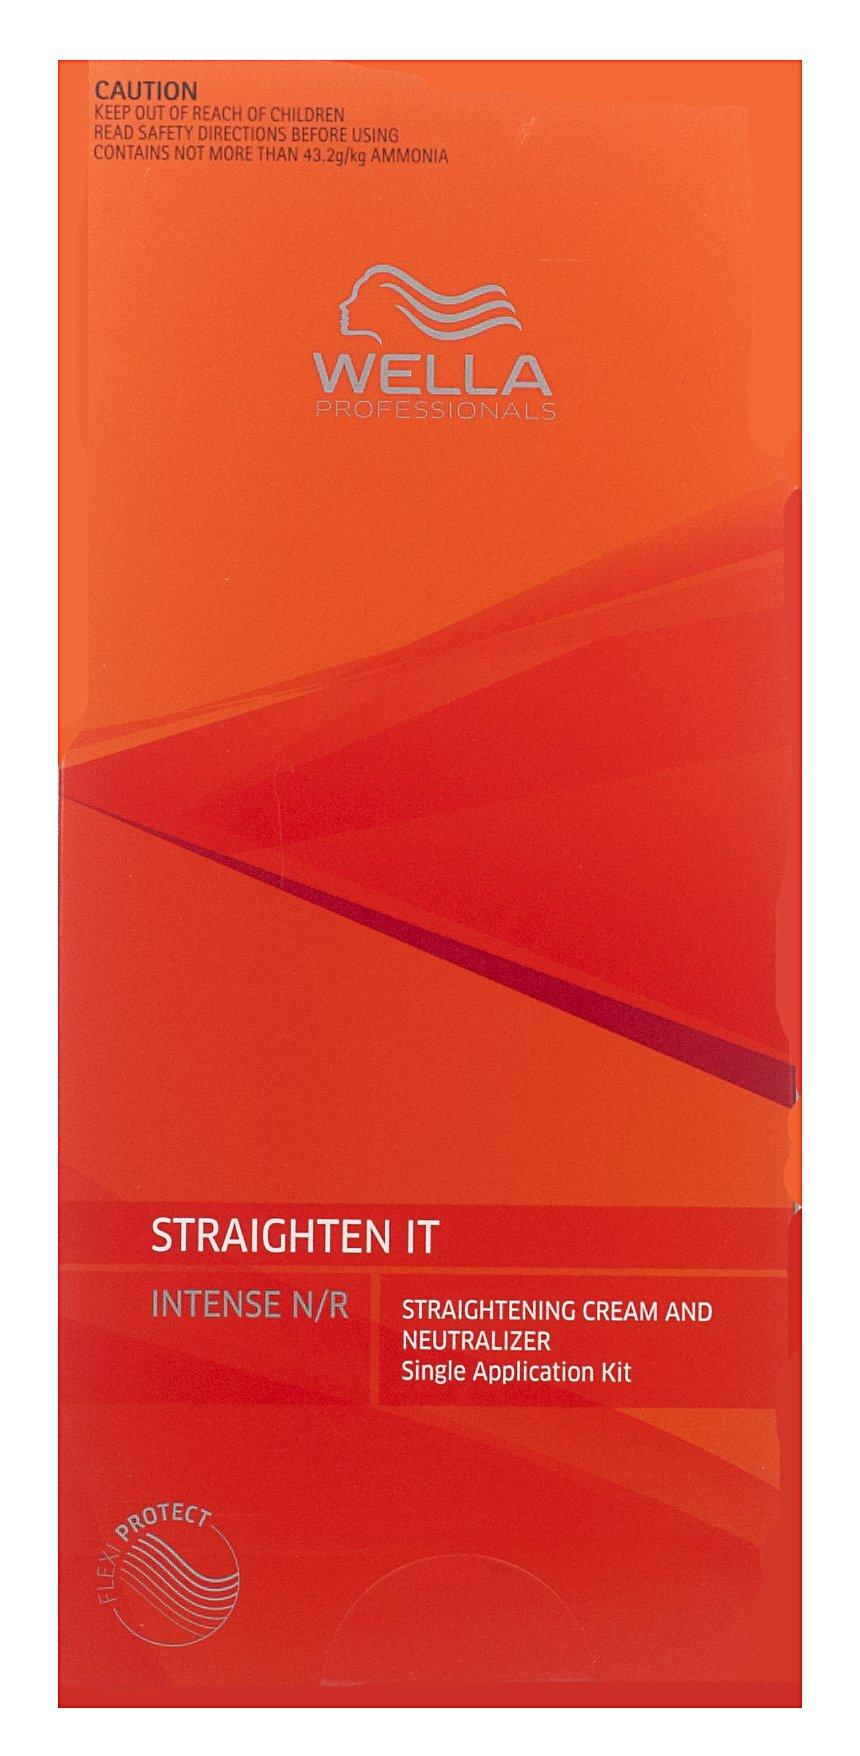 1 BOX OF WELLA STRATE WELLASTRATE INTENSE STRAIGHTENER STRAIGHTENING HAIR CREAM